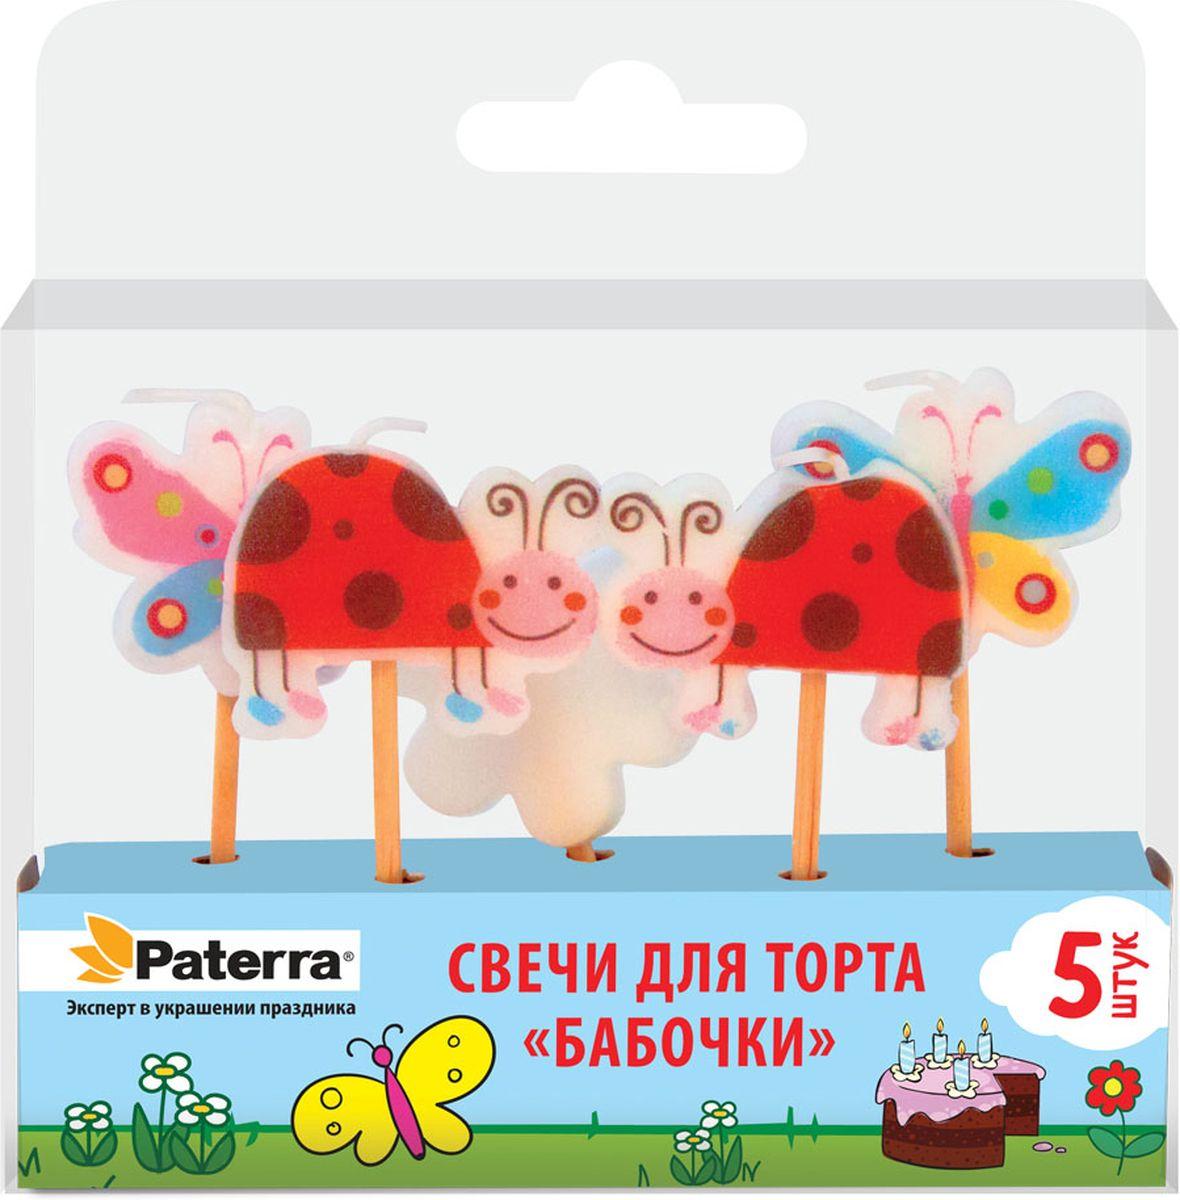 Свечи для торта Paterra  Бабочки , высота 11,5 см, 5 шт -  Свечи для торта